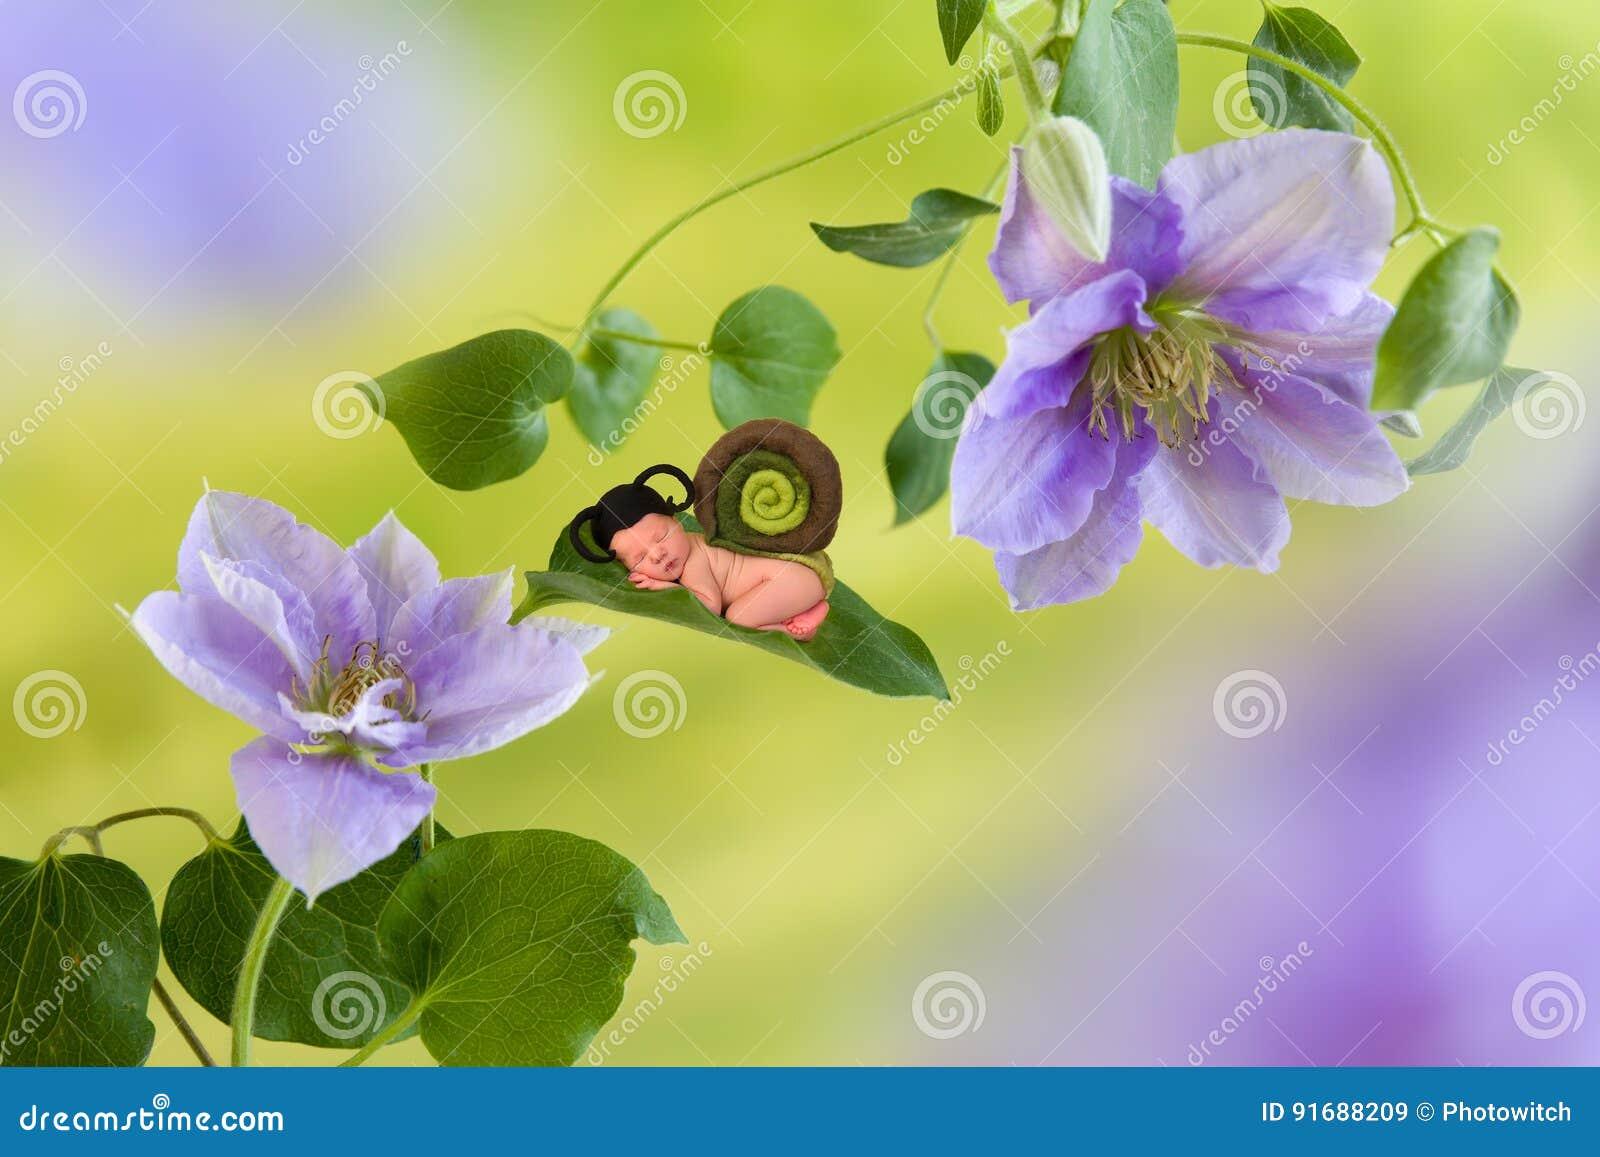 Babyschnecke auf Klematisblume